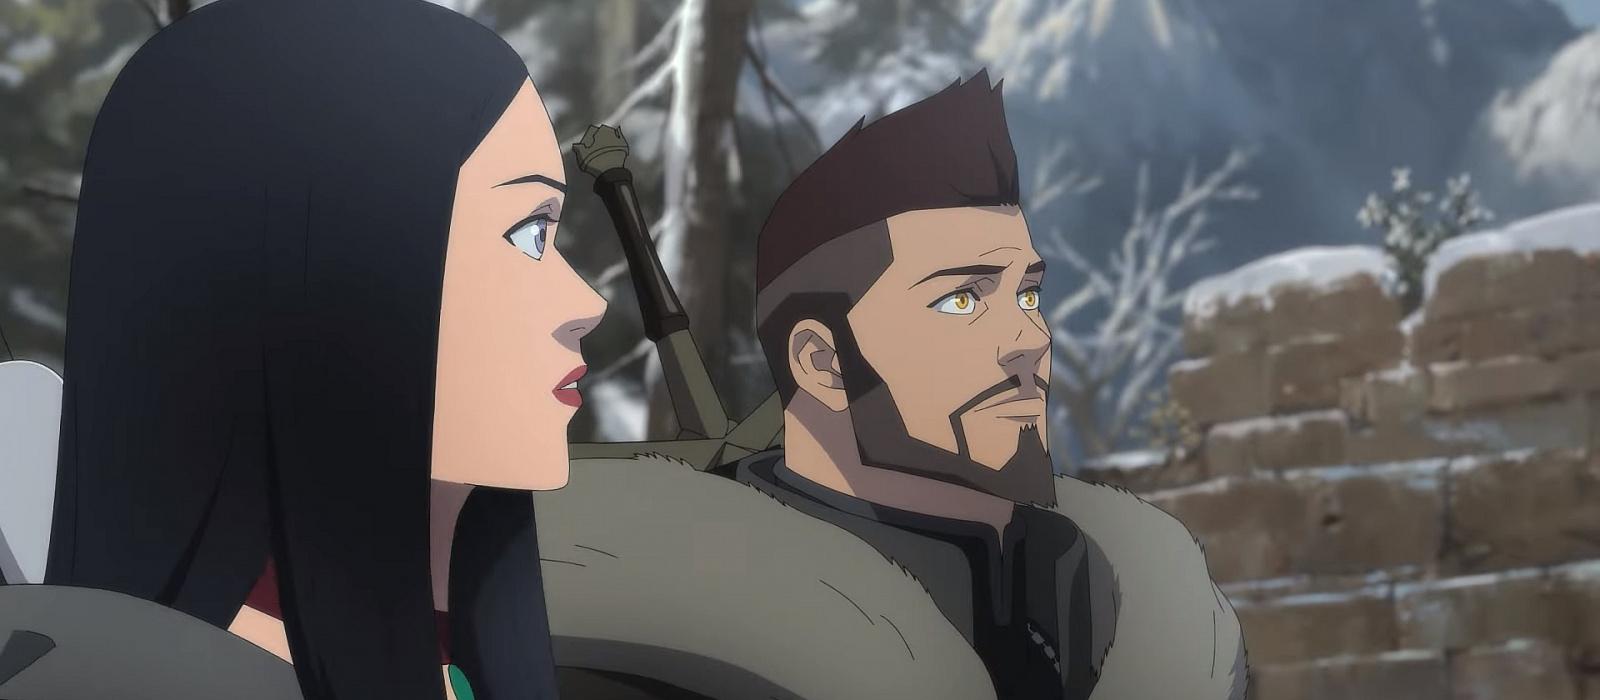 Vesemir gegen die Armee der Toten: Im neuen Witcher-Anime-Trailer gibt es viele Kampfszenen